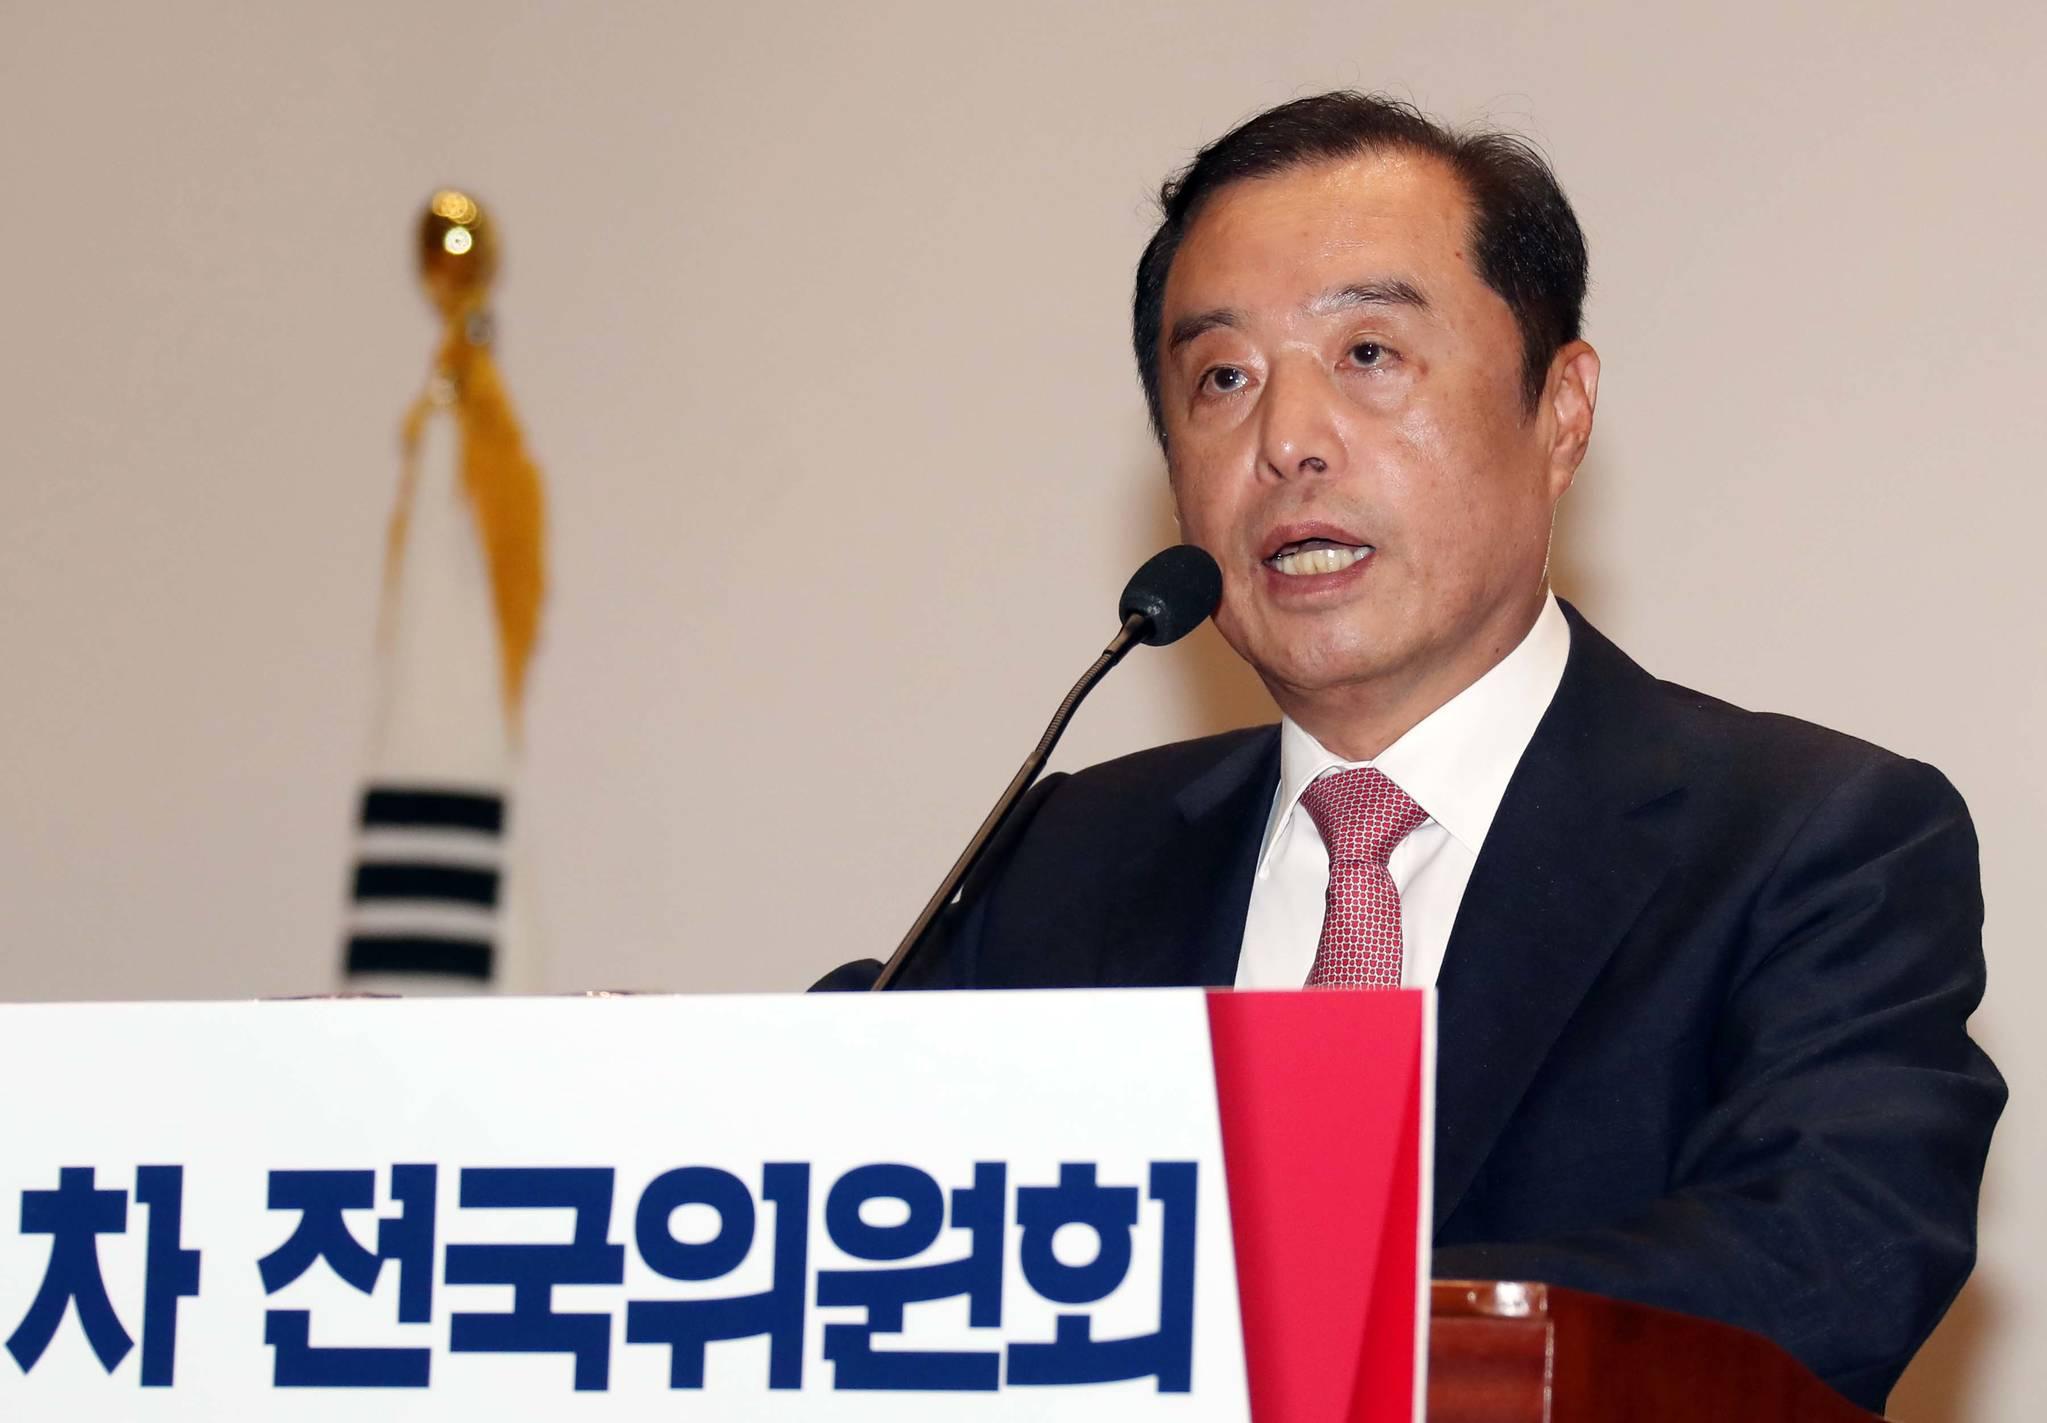 자유한국당은 17일 오전 국회 의원회관에서 전국위원회를 열고 김병준 국민대 명예교수를 당 혁신비대위원장으로 선출했다. 변선구 기자